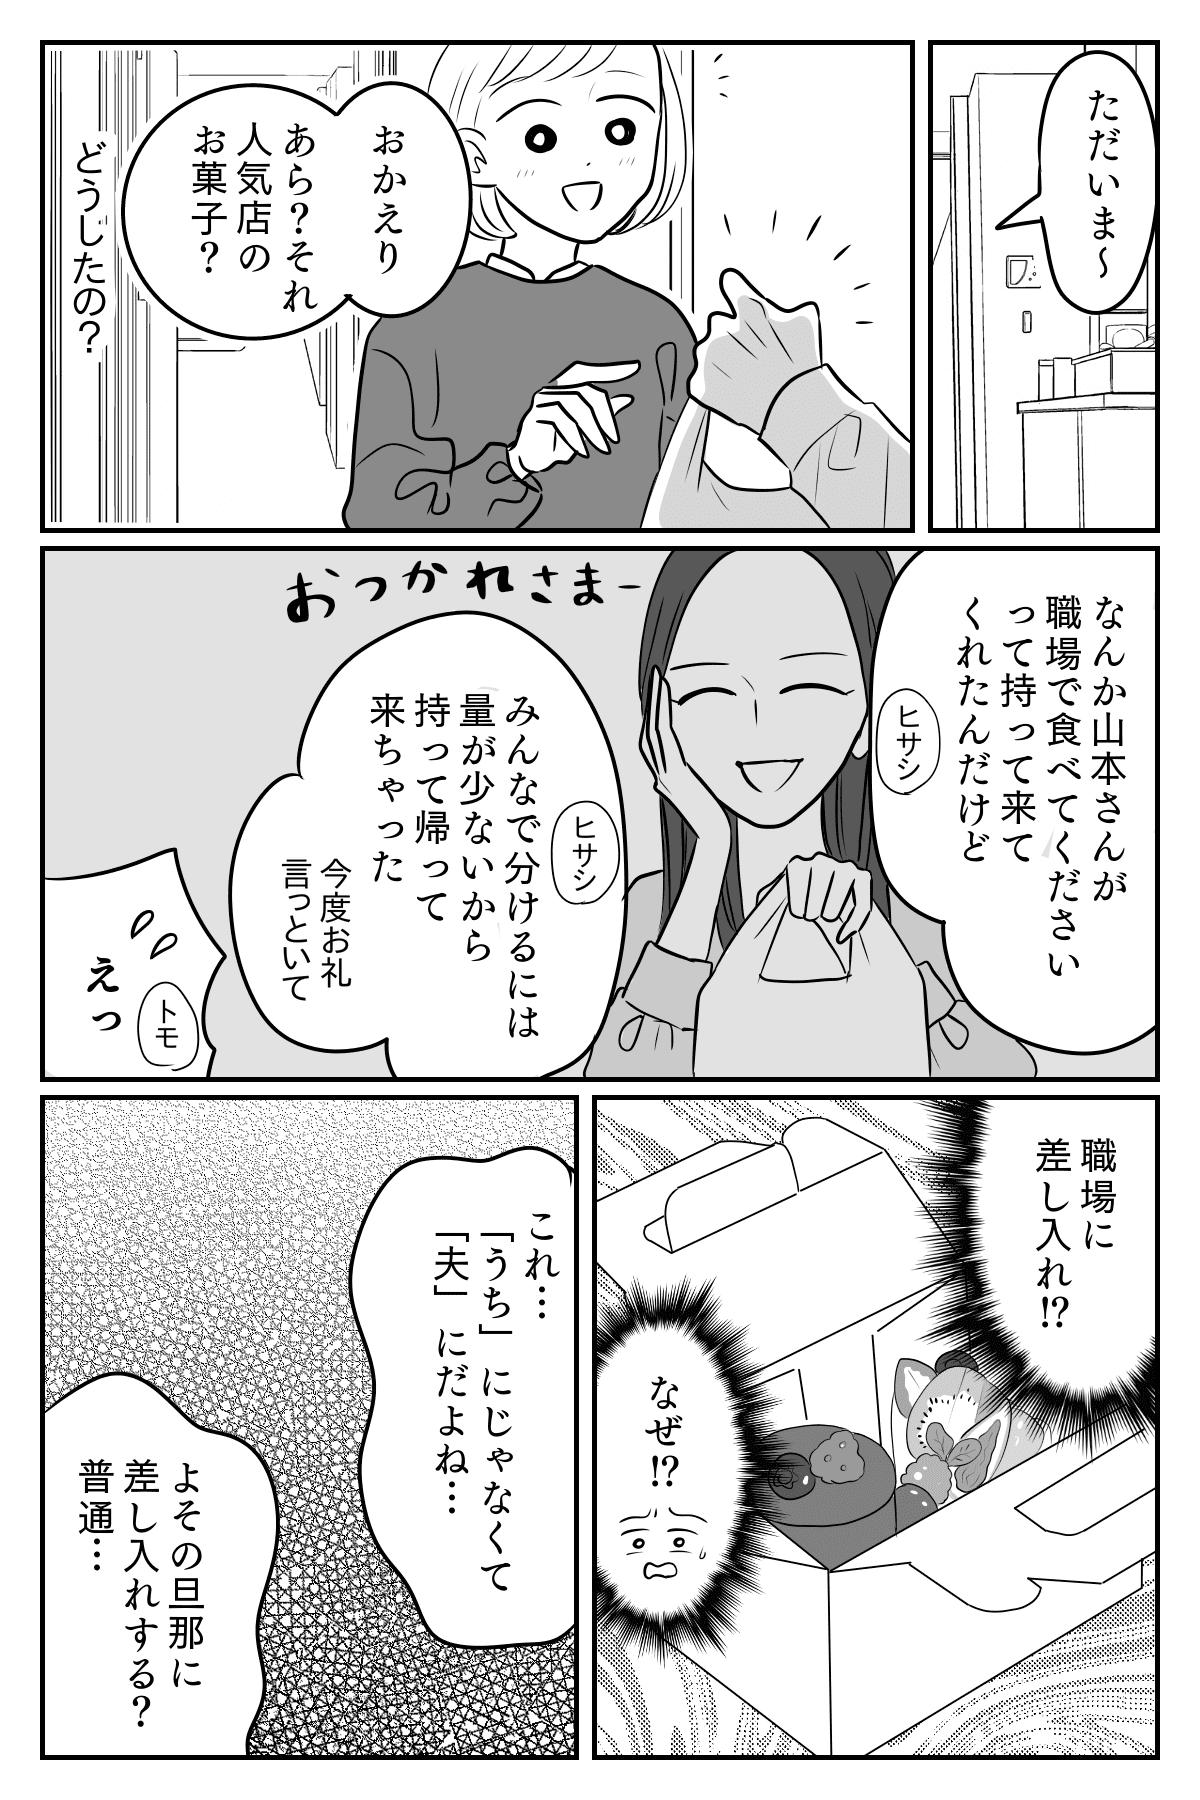 男好き2-1 (1)